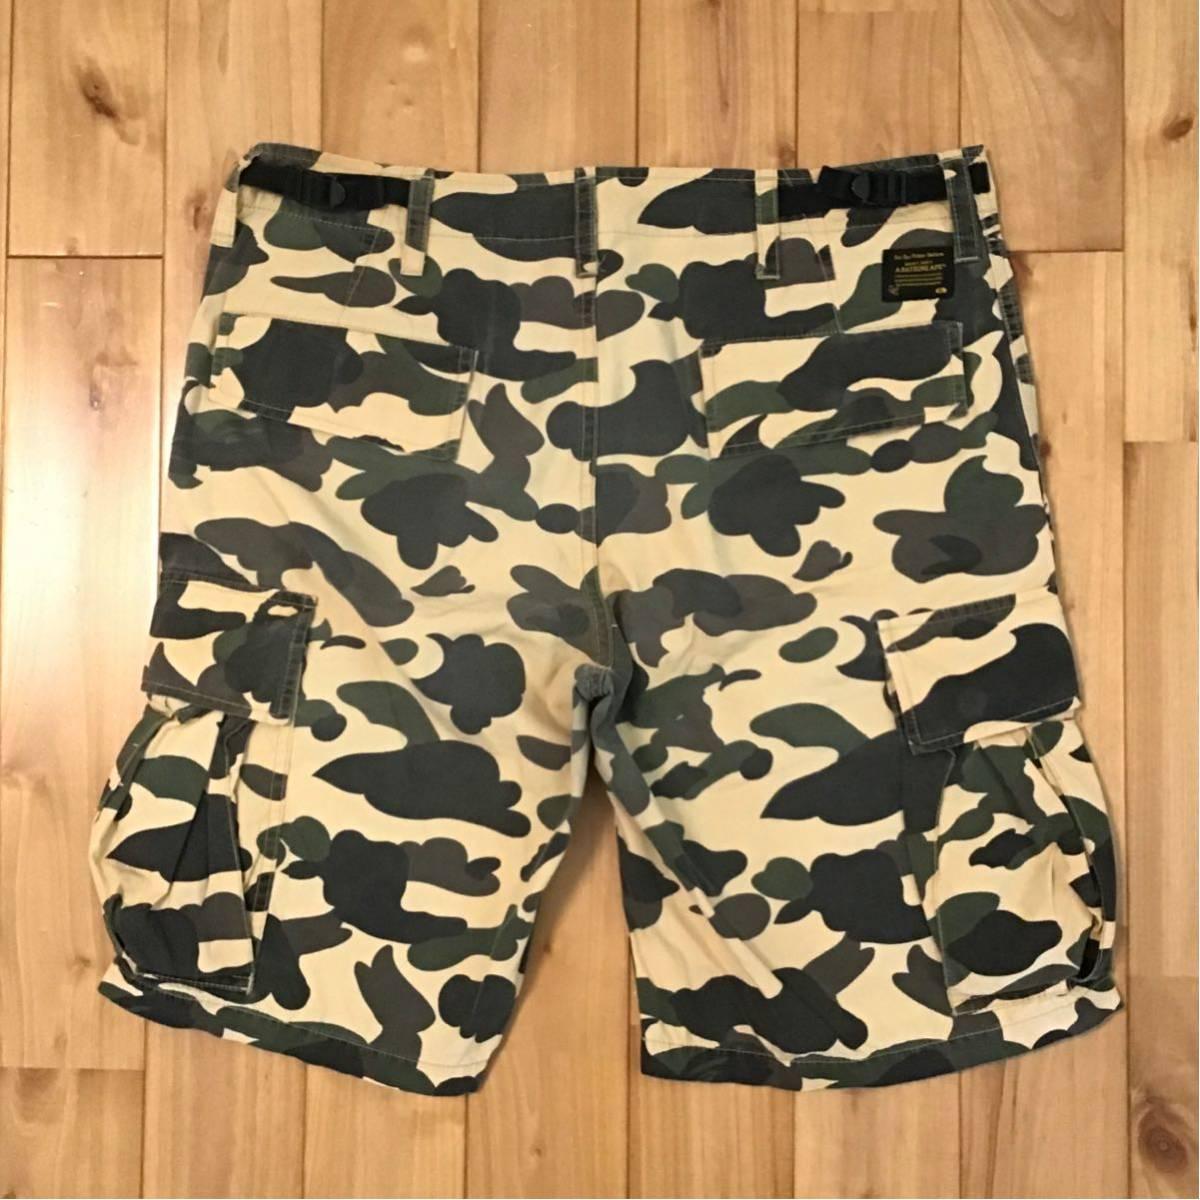 1st camo yellow ハーフパンツ Mサイズ a bathing ape BAPE shorts pants エイプ ベイプ アベイシングエイプ 迷彩 ショーツ ac6c